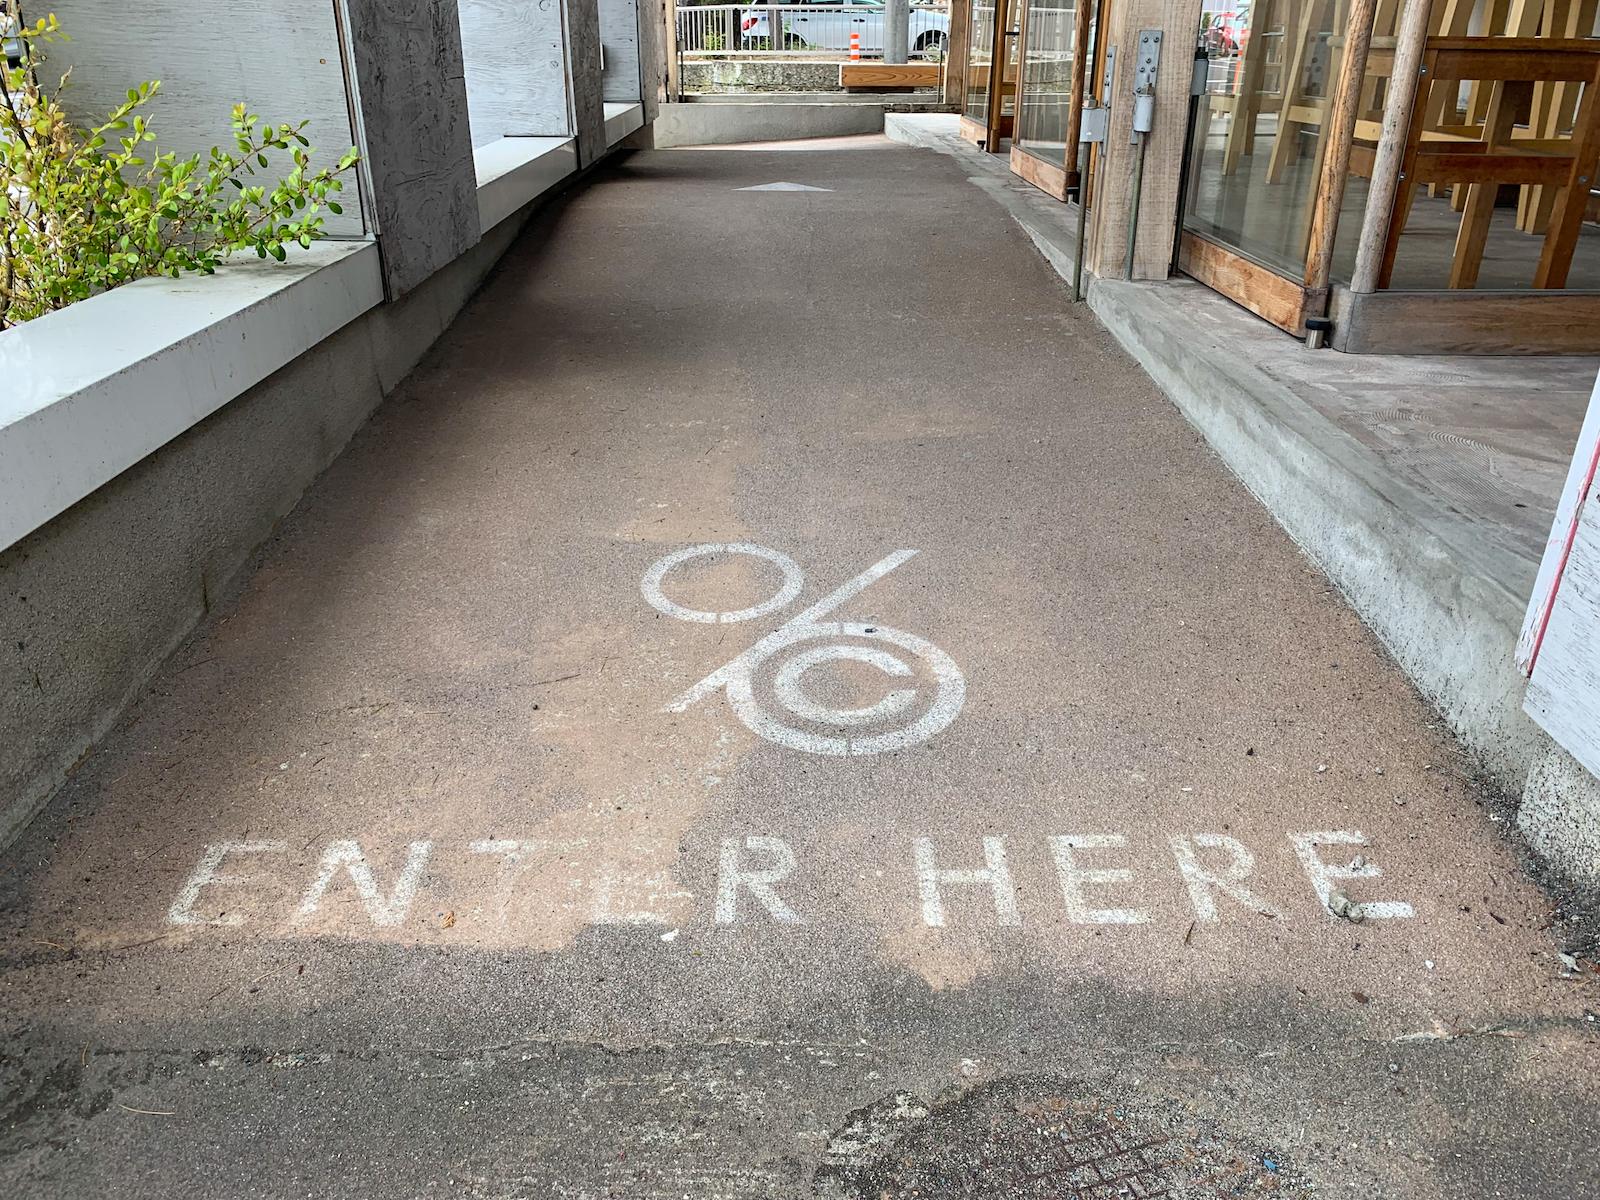 店舗前の路面に、ロゴマークとENTER HEREと書かれている